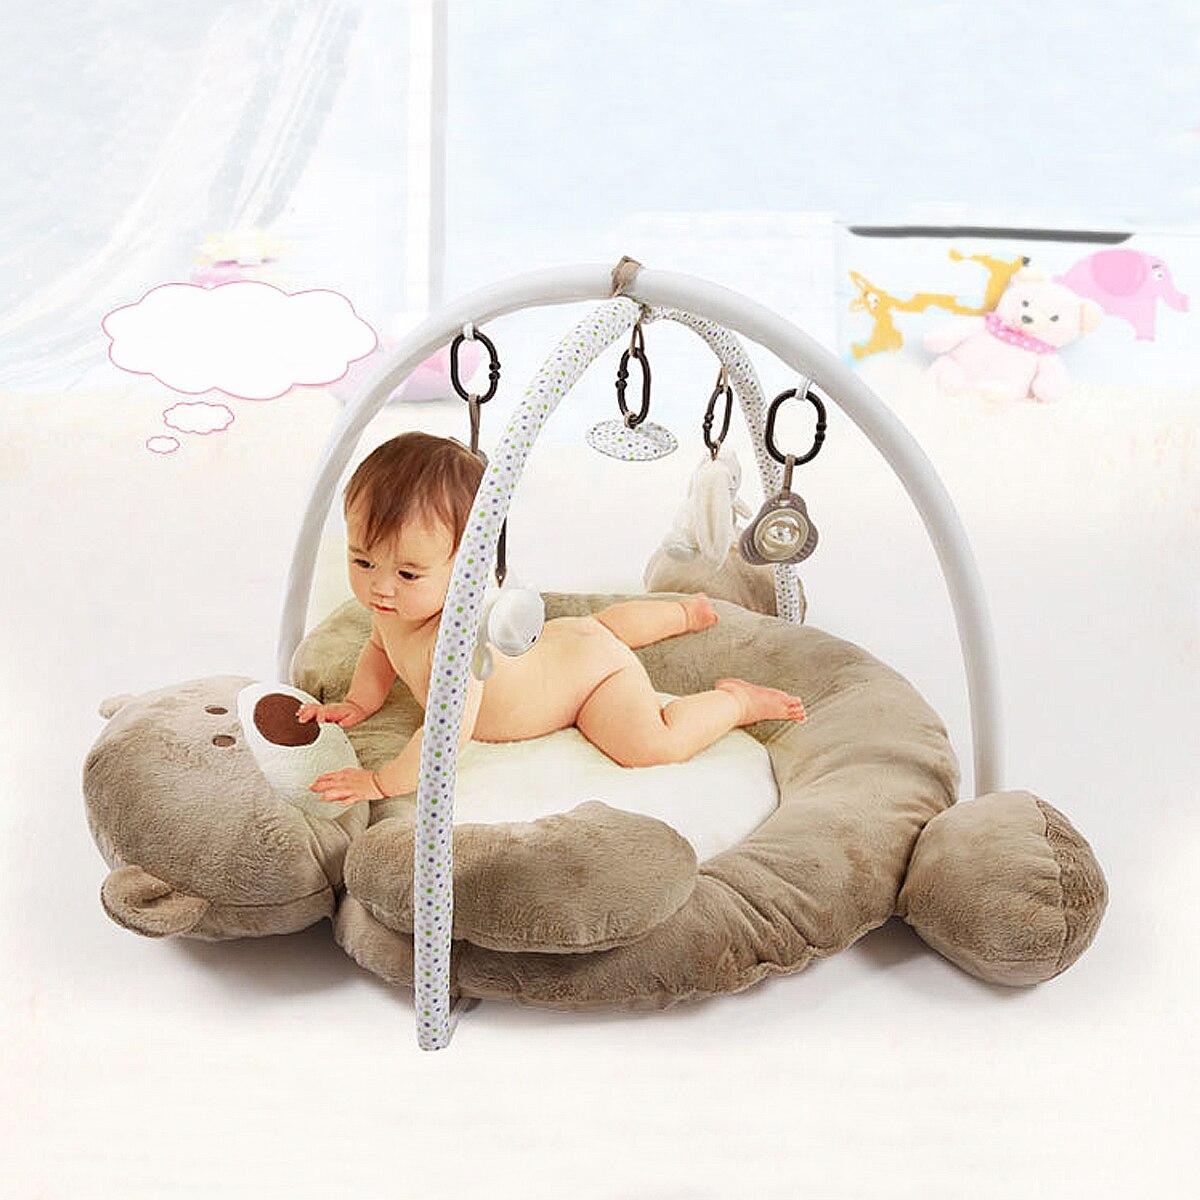 95x85x60 cm bébé tapis de jeu tapis développer ramper la musique des enfants tapis sûr dessin animé doux pour les enfants jouet éducatif